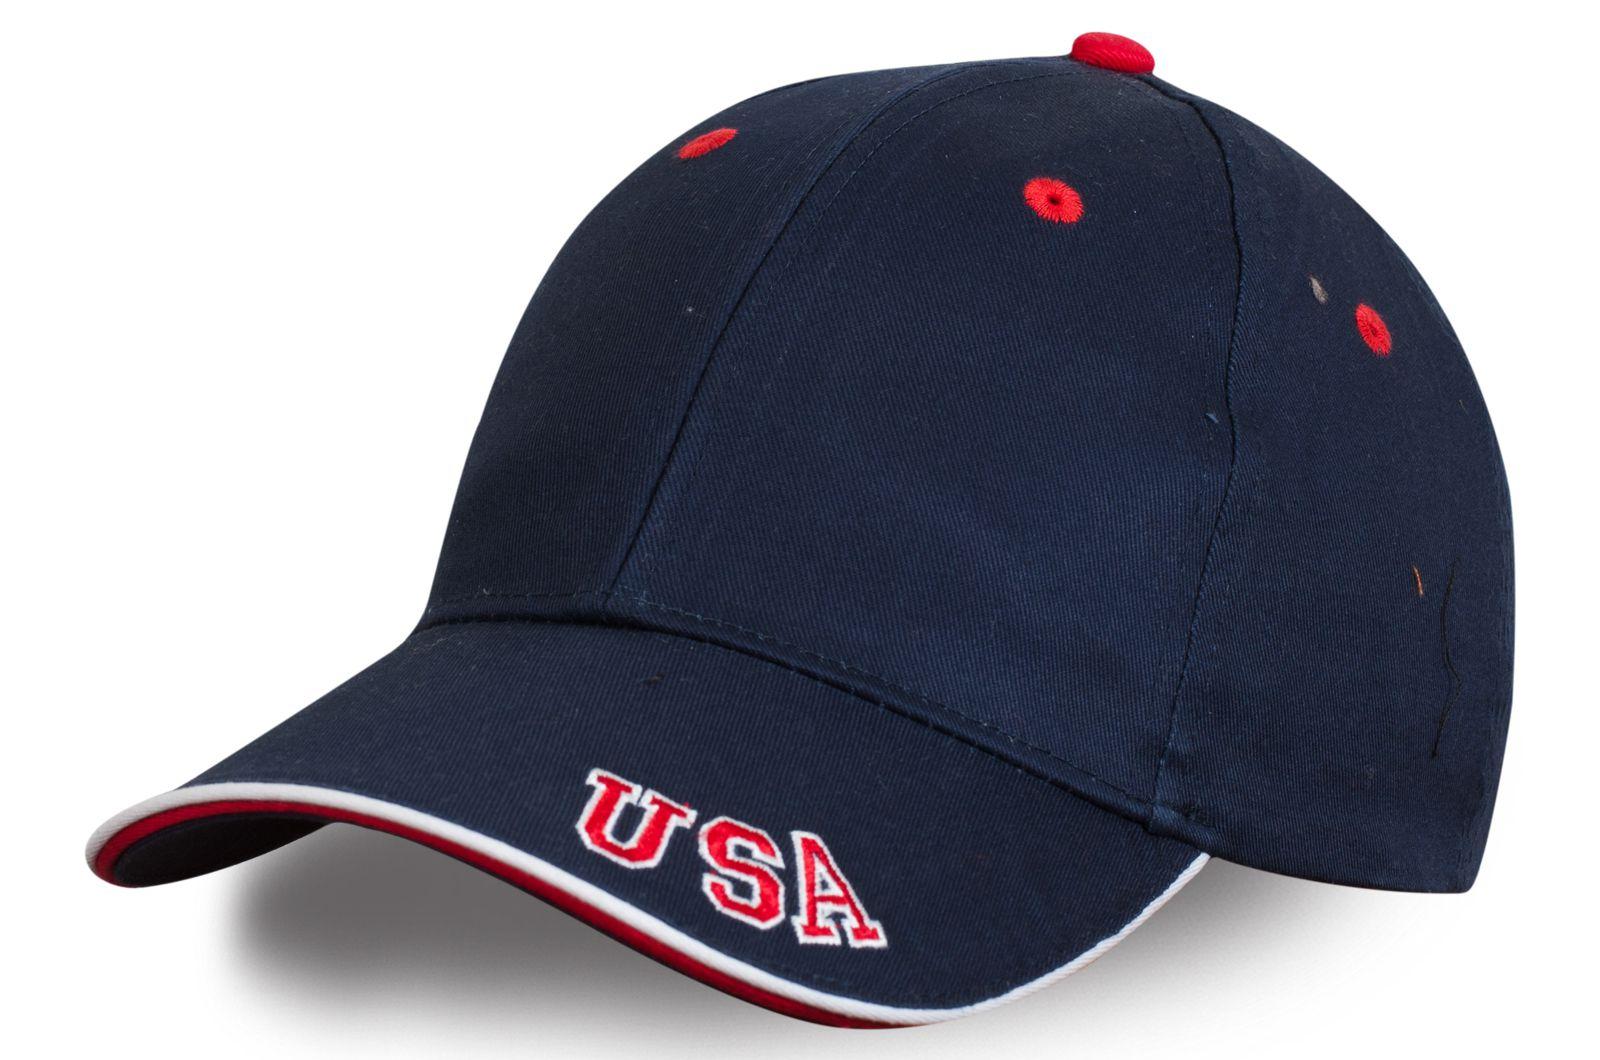 Спортивная бейсболка USA - купить по низкой цене